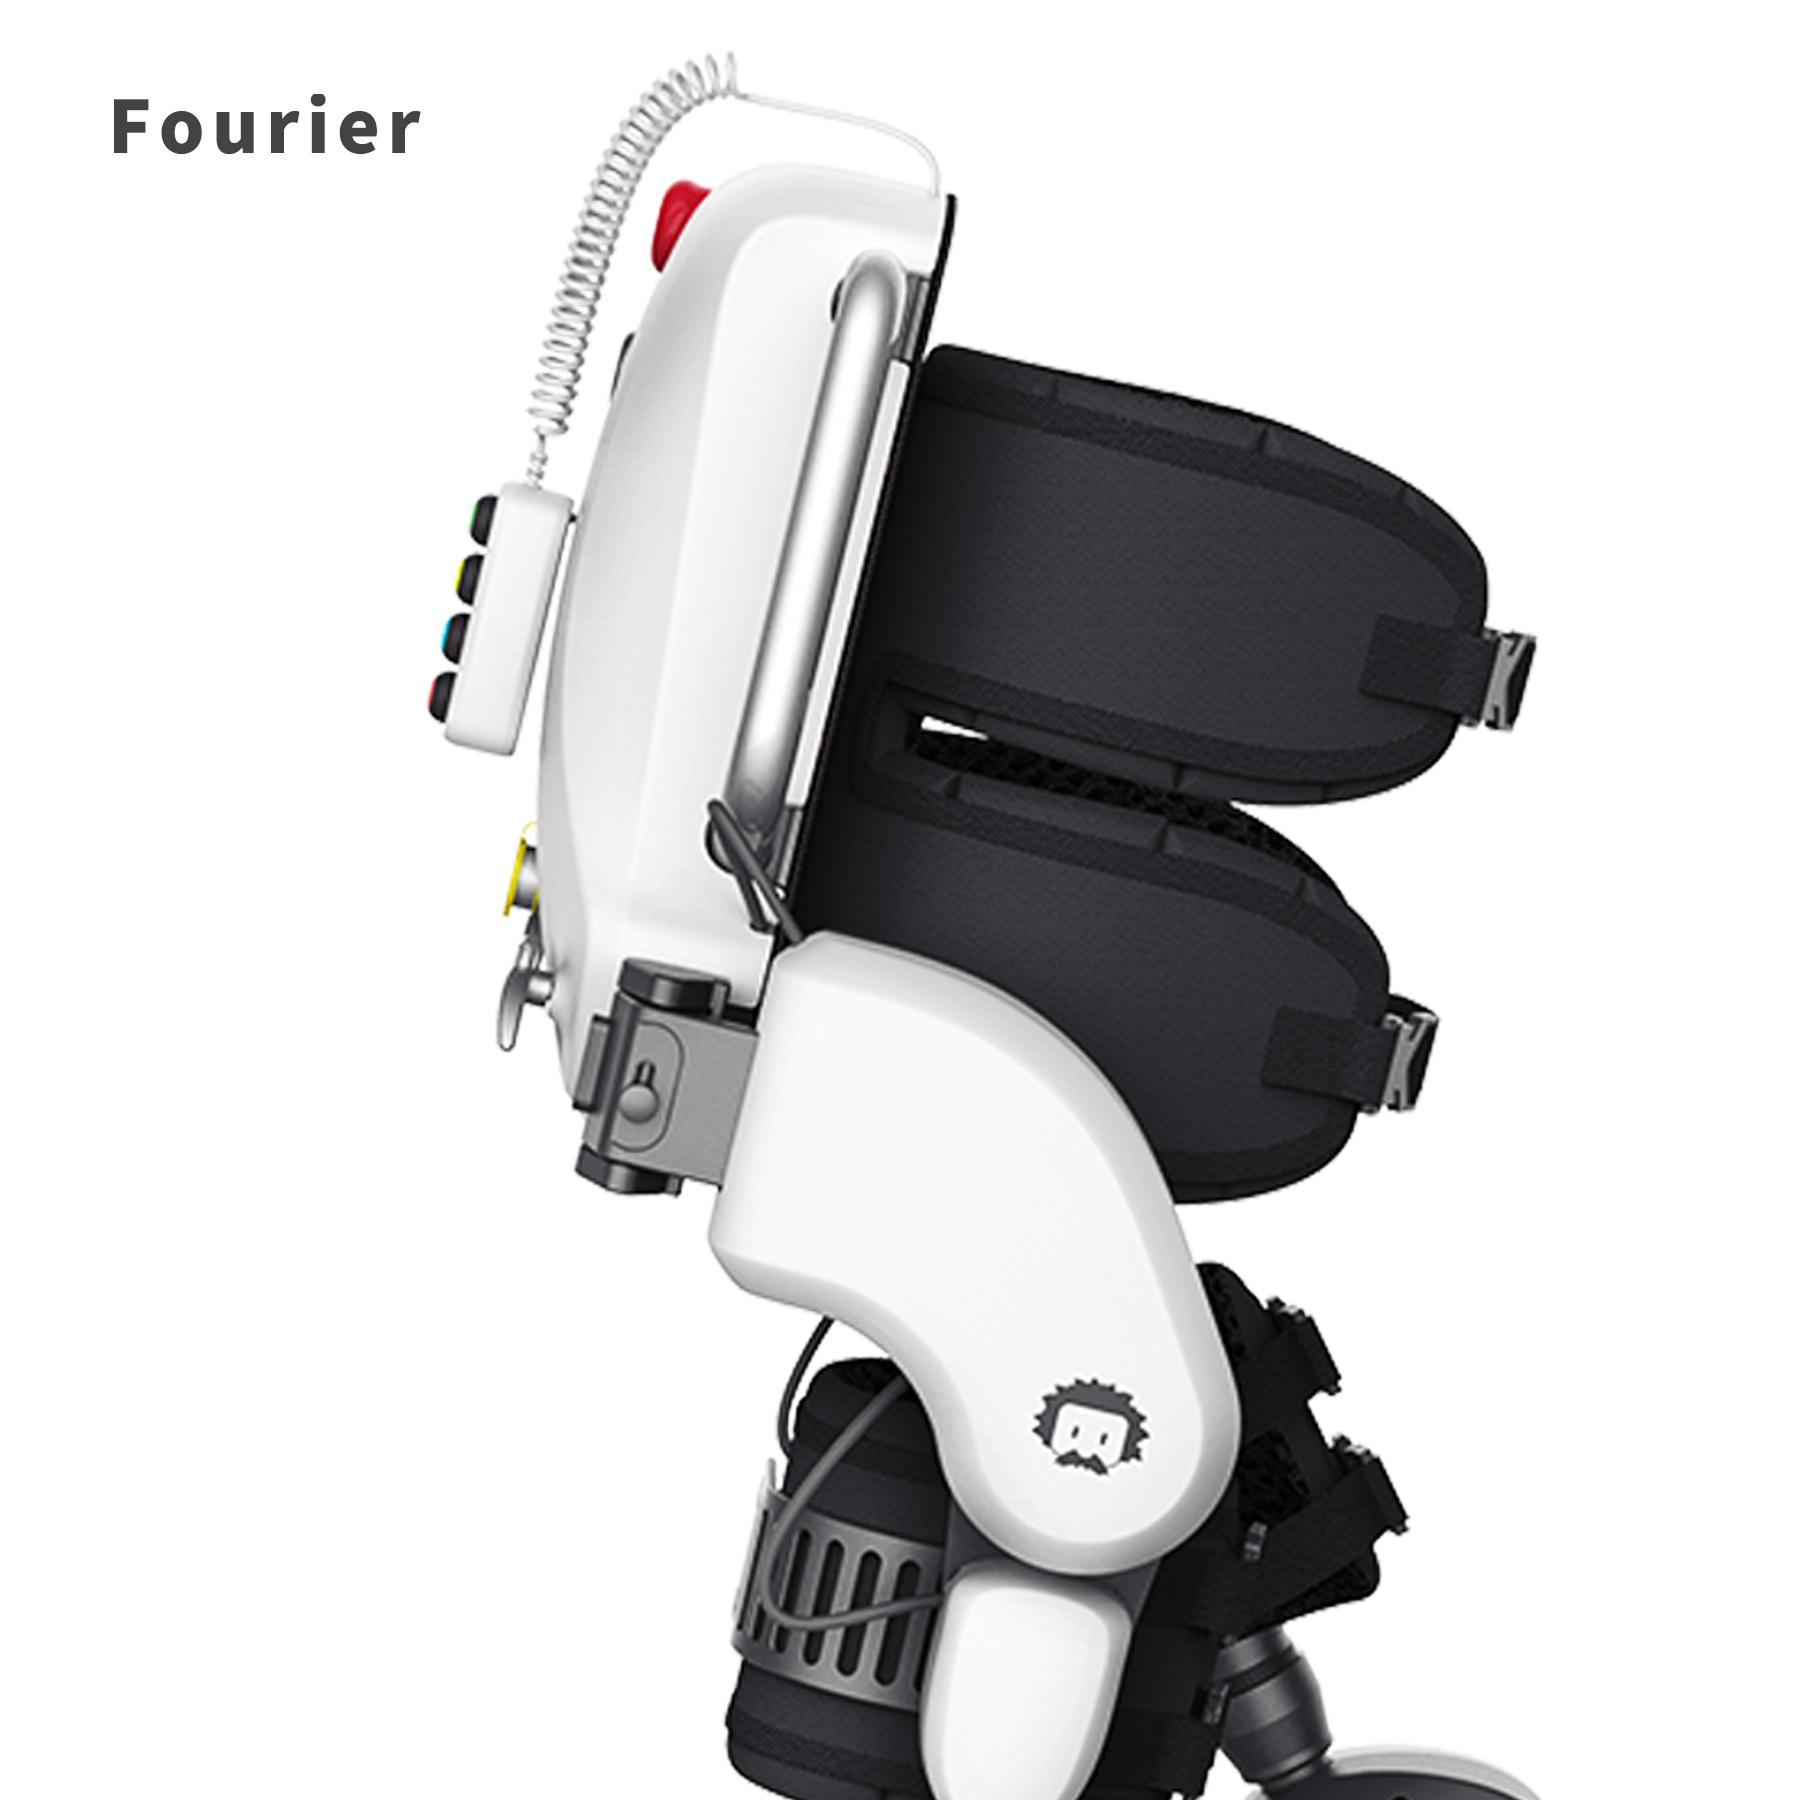 模具设计/医疗器械/C臂机/肌骨超声仪/医用内窥镜/监护台车